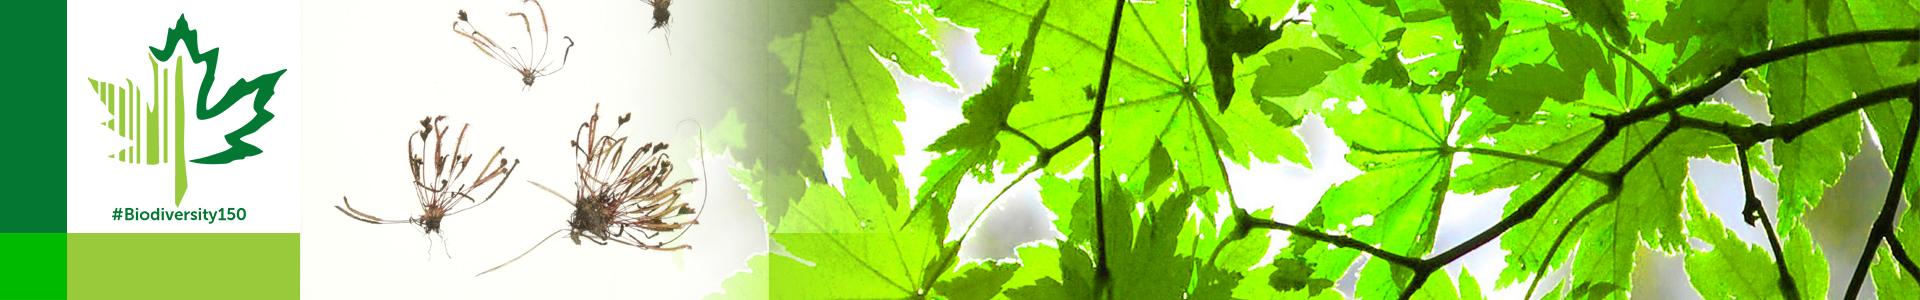 #Biodiversity150 number 21 of 150 Slender Leaf Sundew